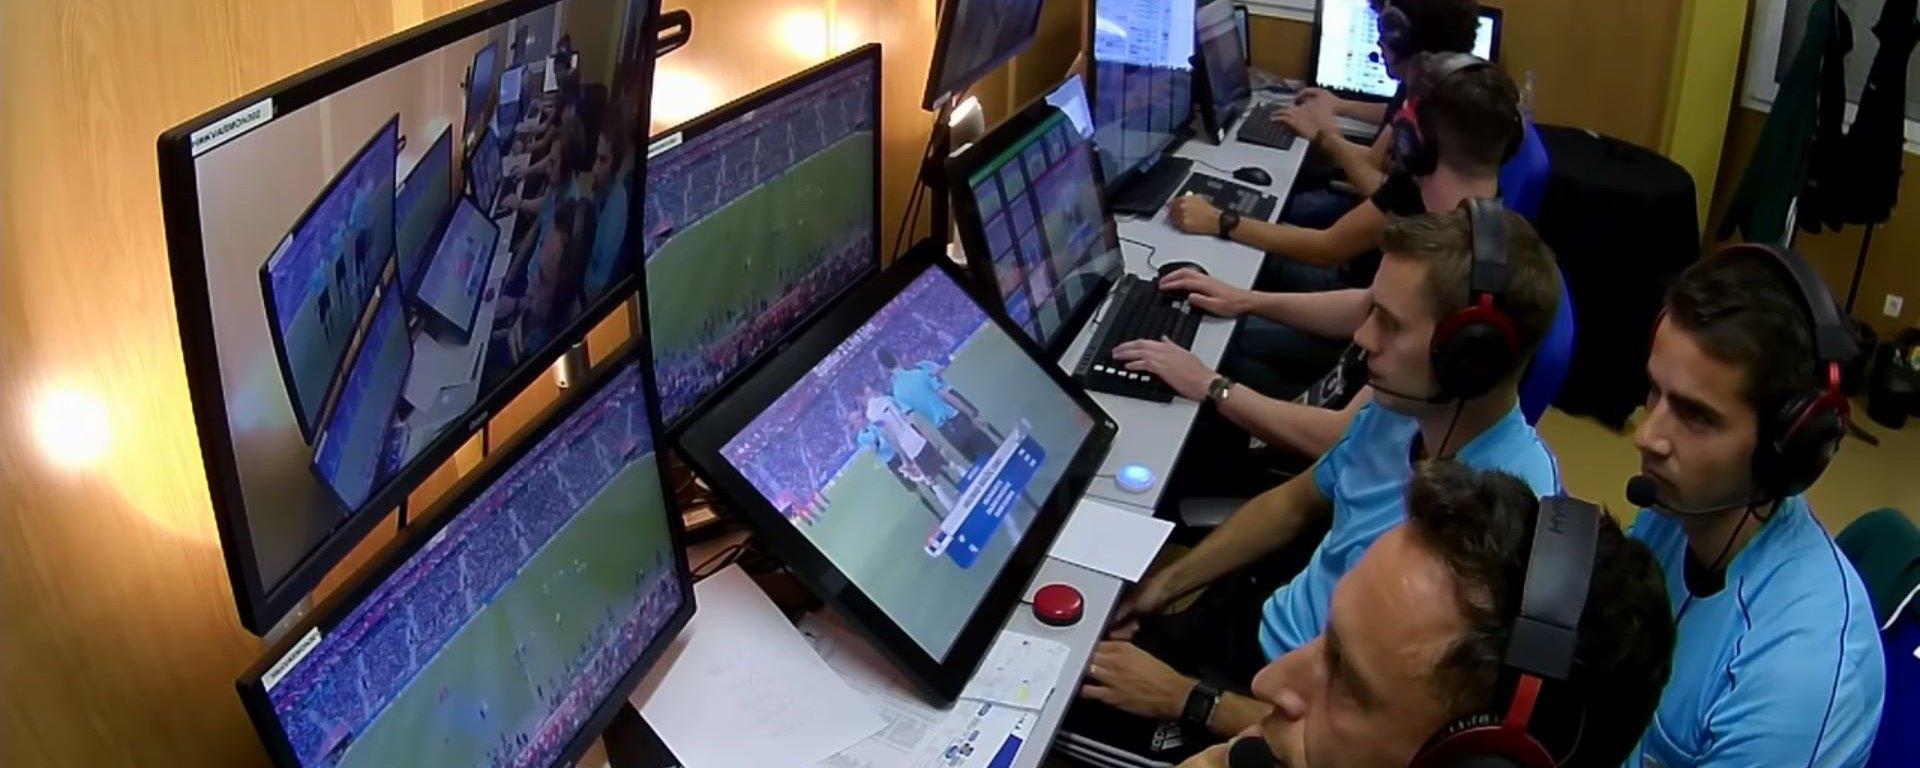 Saiba como funciona o VAR, o árbitro de vídeo que será usado na Copa